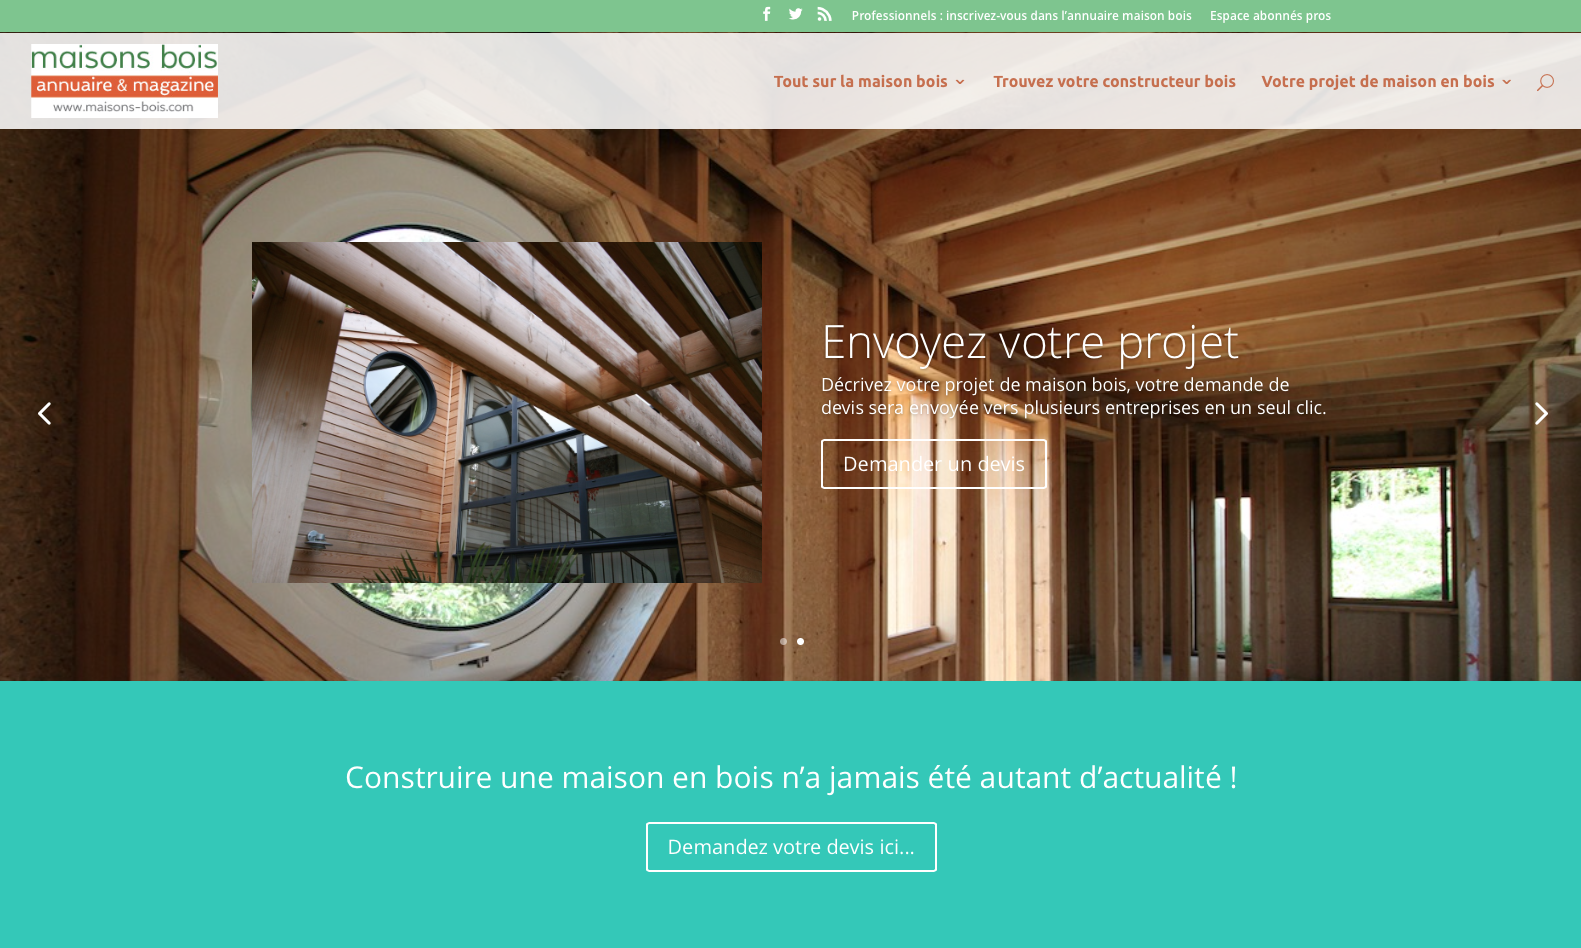 Site Maisons Bois.com